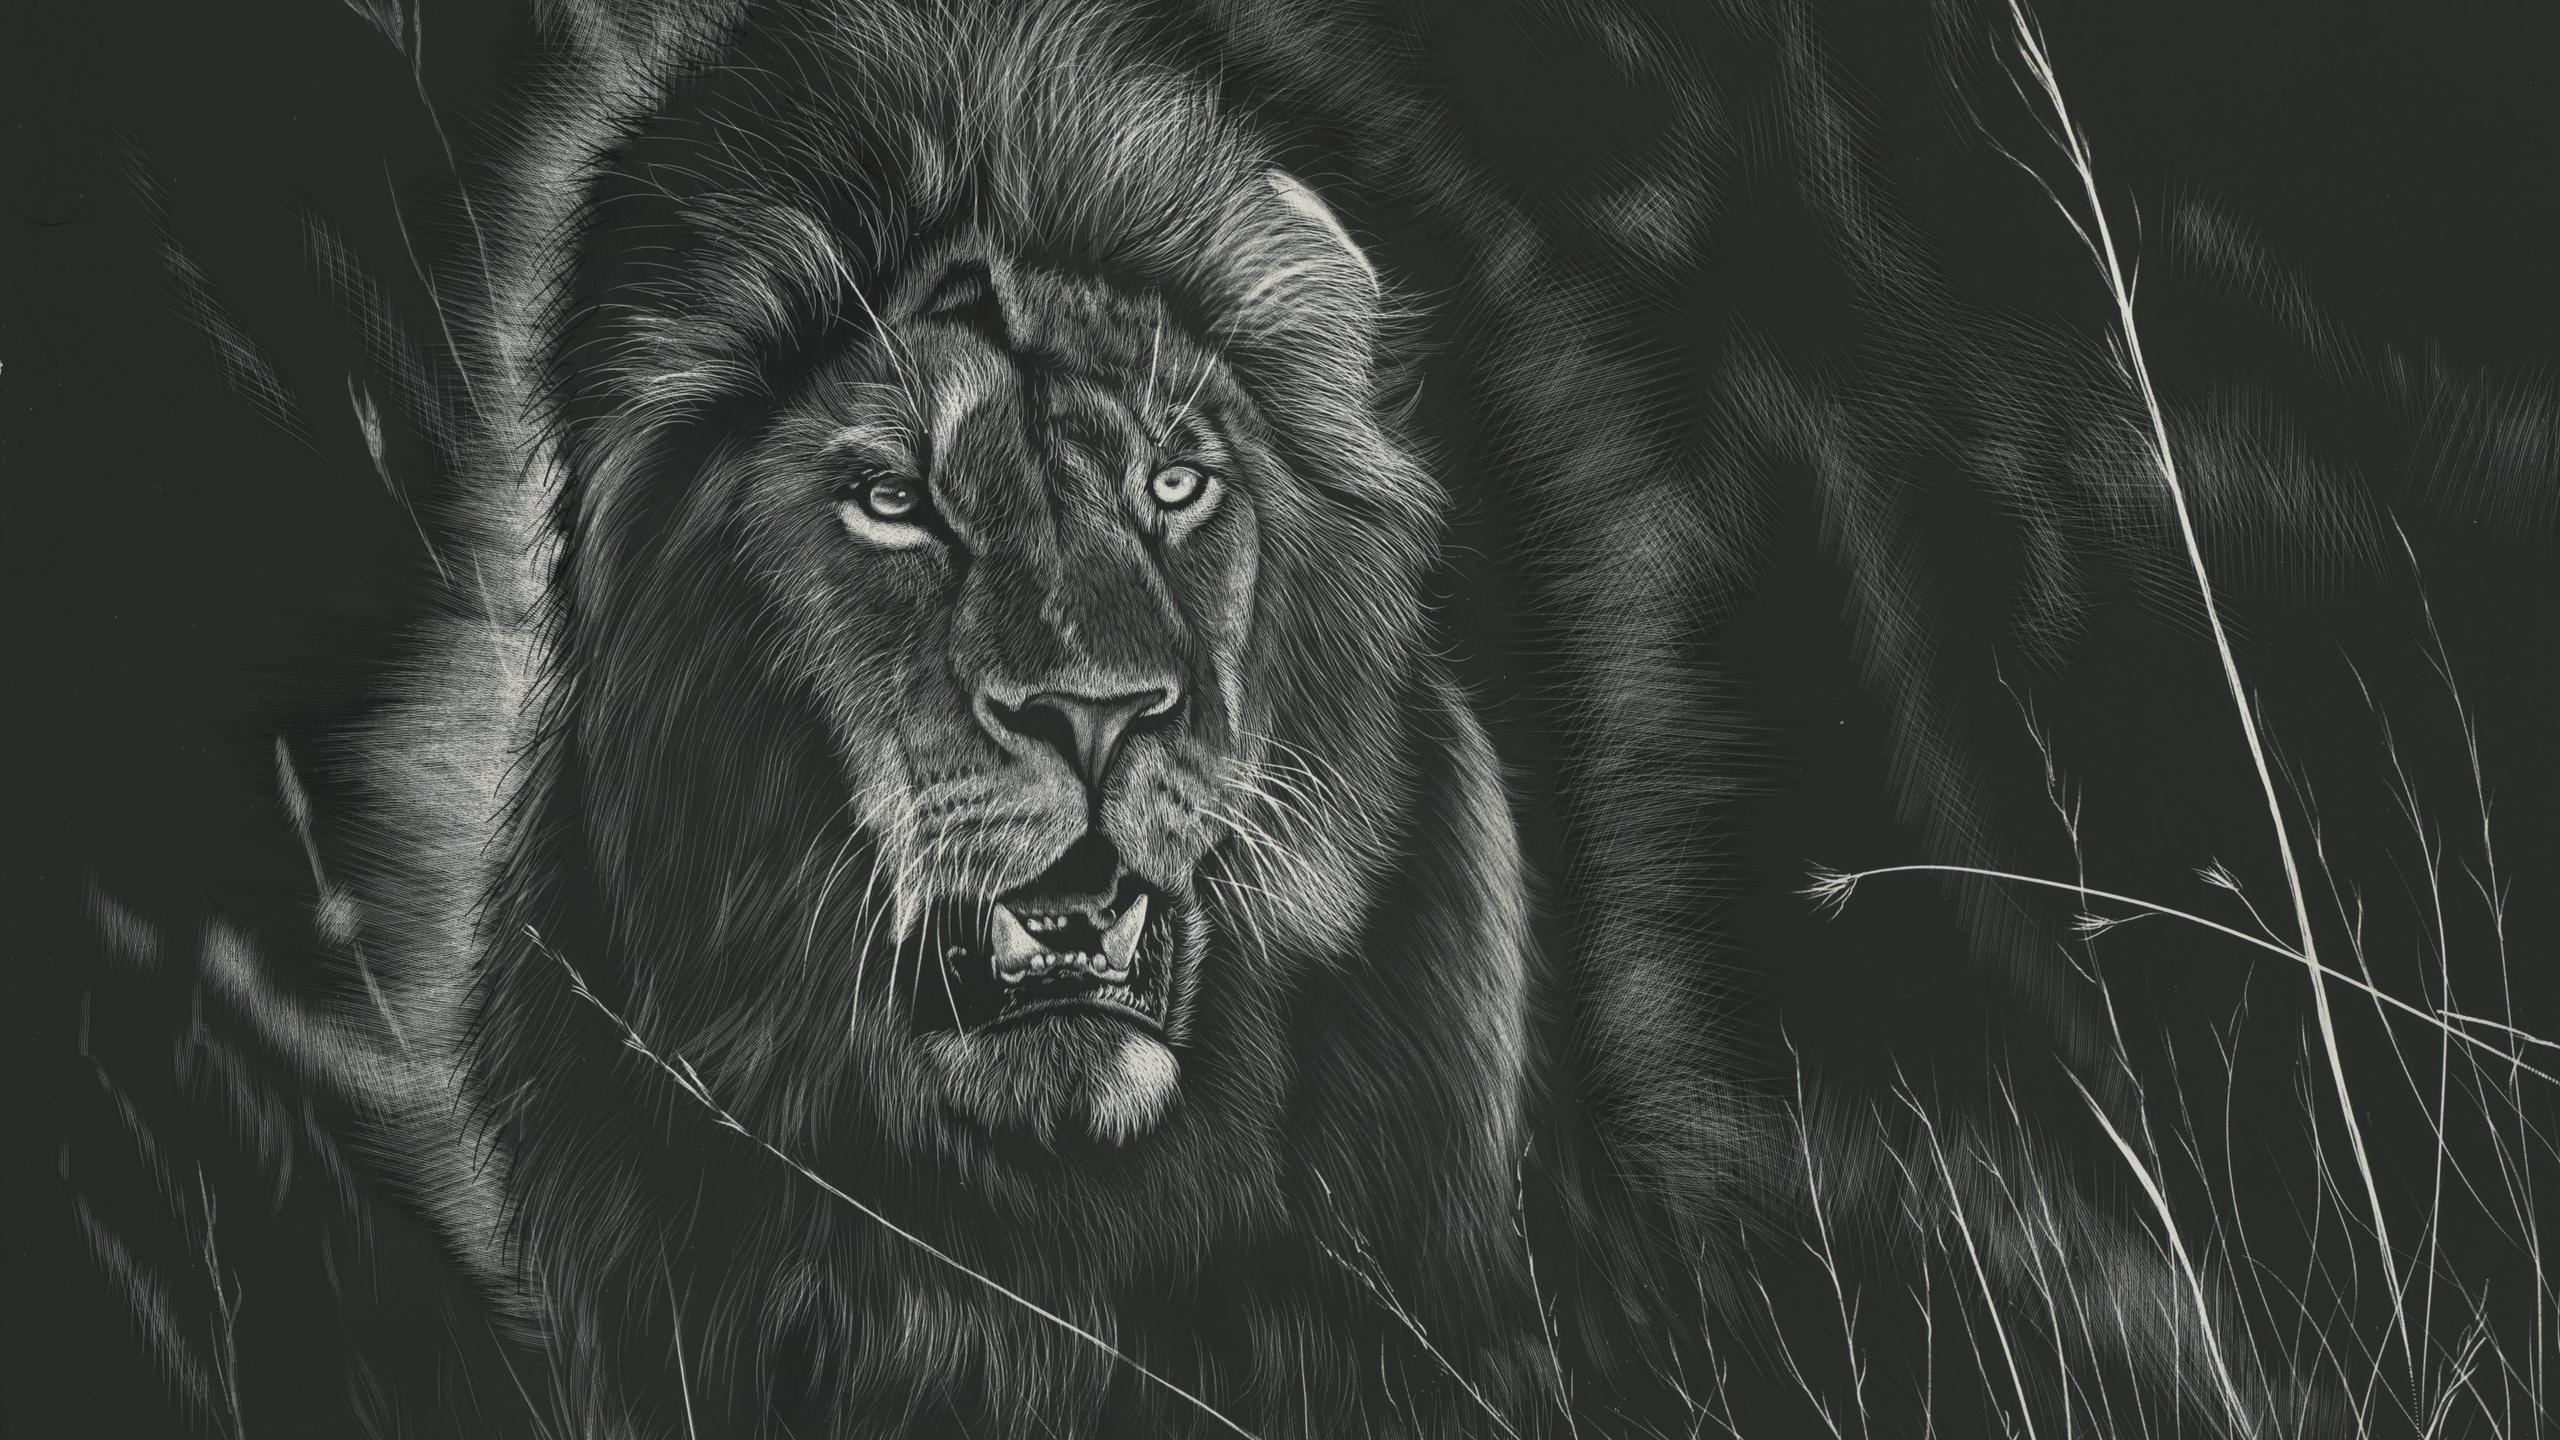 Картинки льва в черно белом цвете, хороших выходных